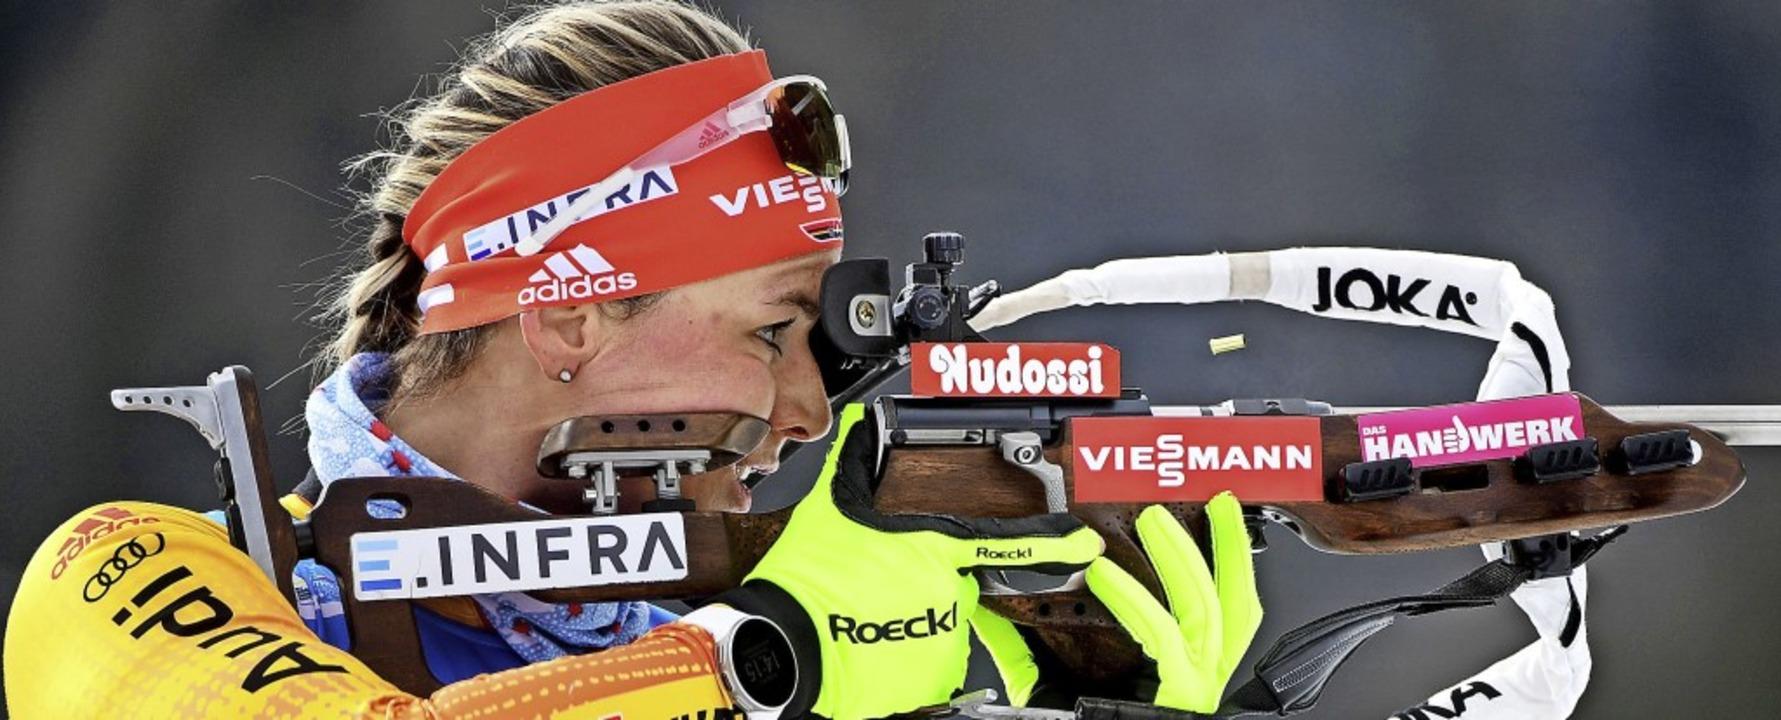 Drei Fehler beim Schießen waren für De...el, um auf das Siegerpodest zu kommen.    Foto: Hendrik Schmidt (dpa)